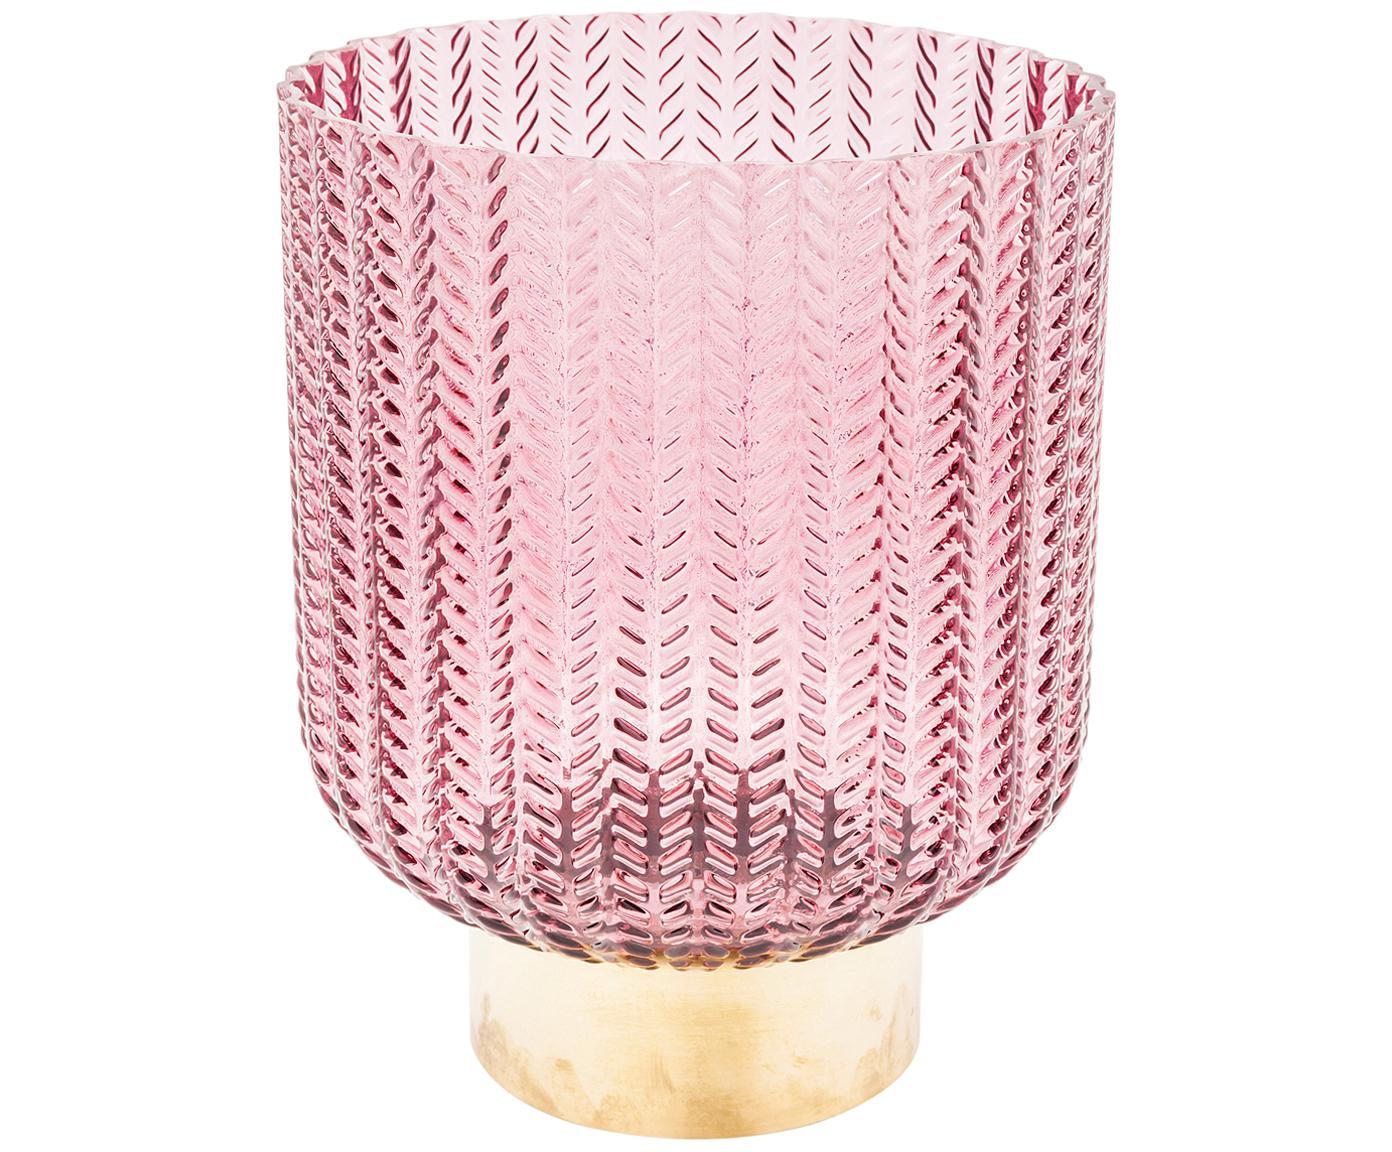 Wazon ze szkła z mosiężną podstawą Barfly, Różowy, transparentny, Ø 17 x W 20 cm